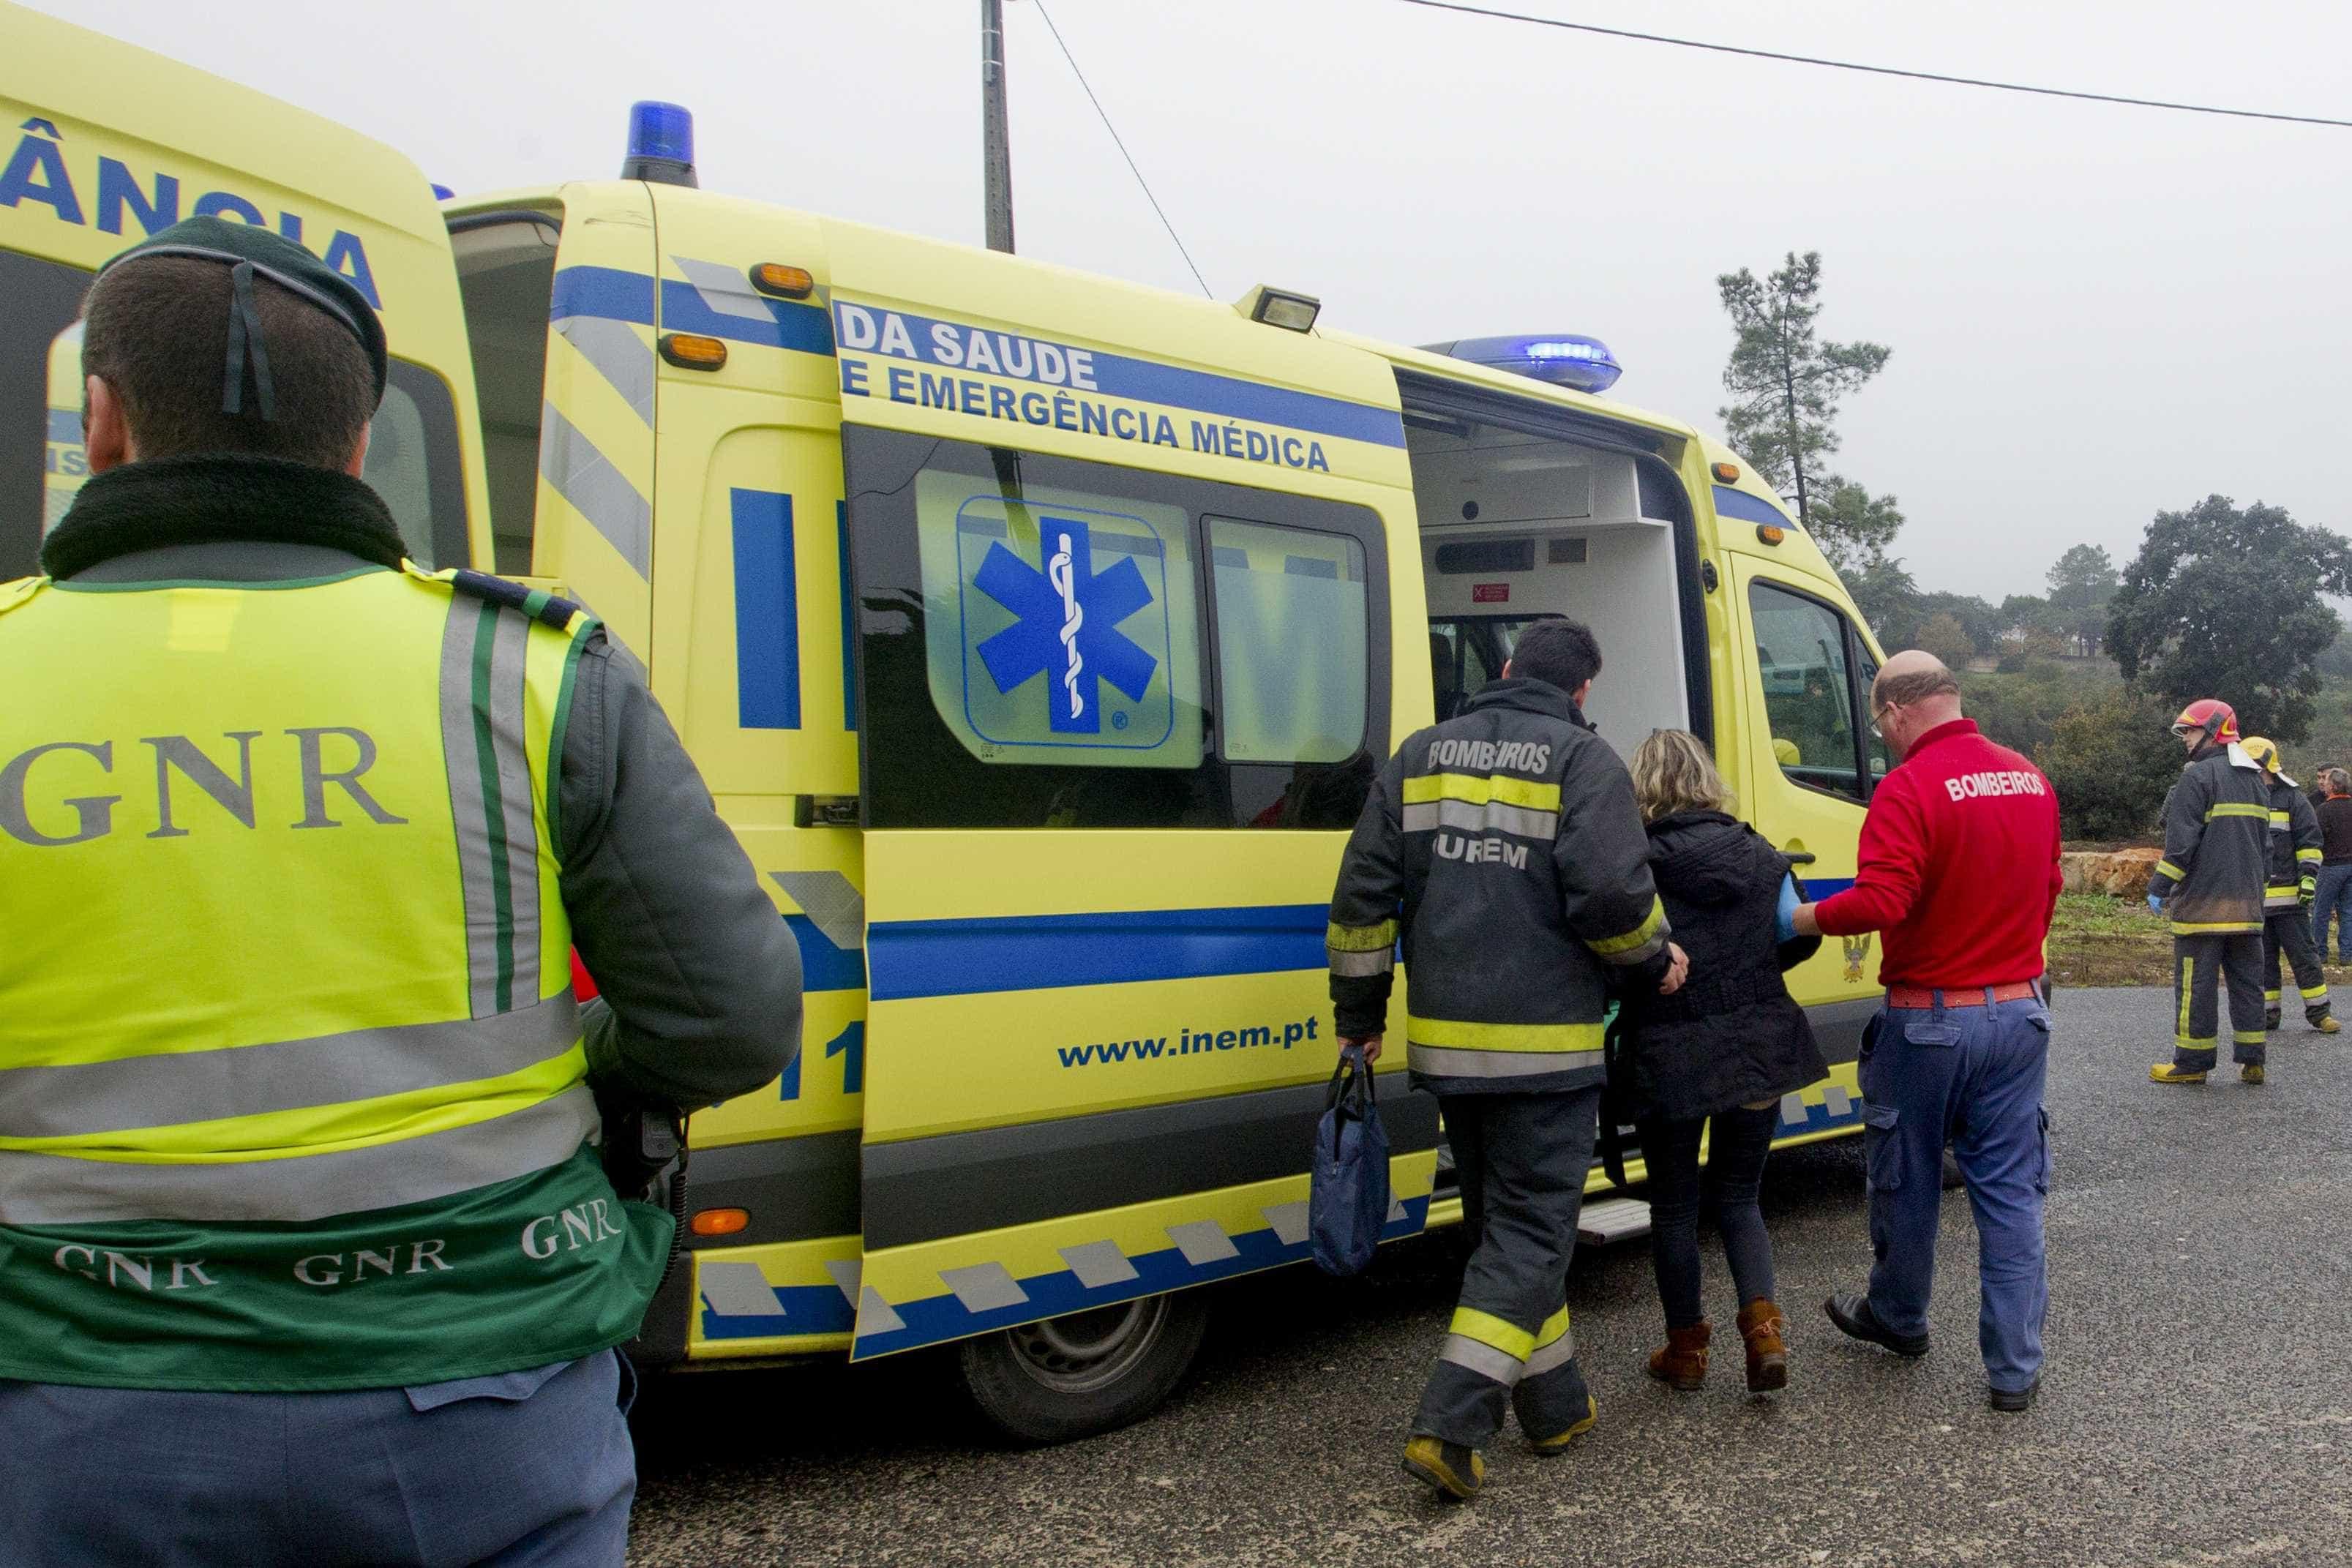 Colisão entre quatro veículos em Vila Nova de Famalicão corta EN206